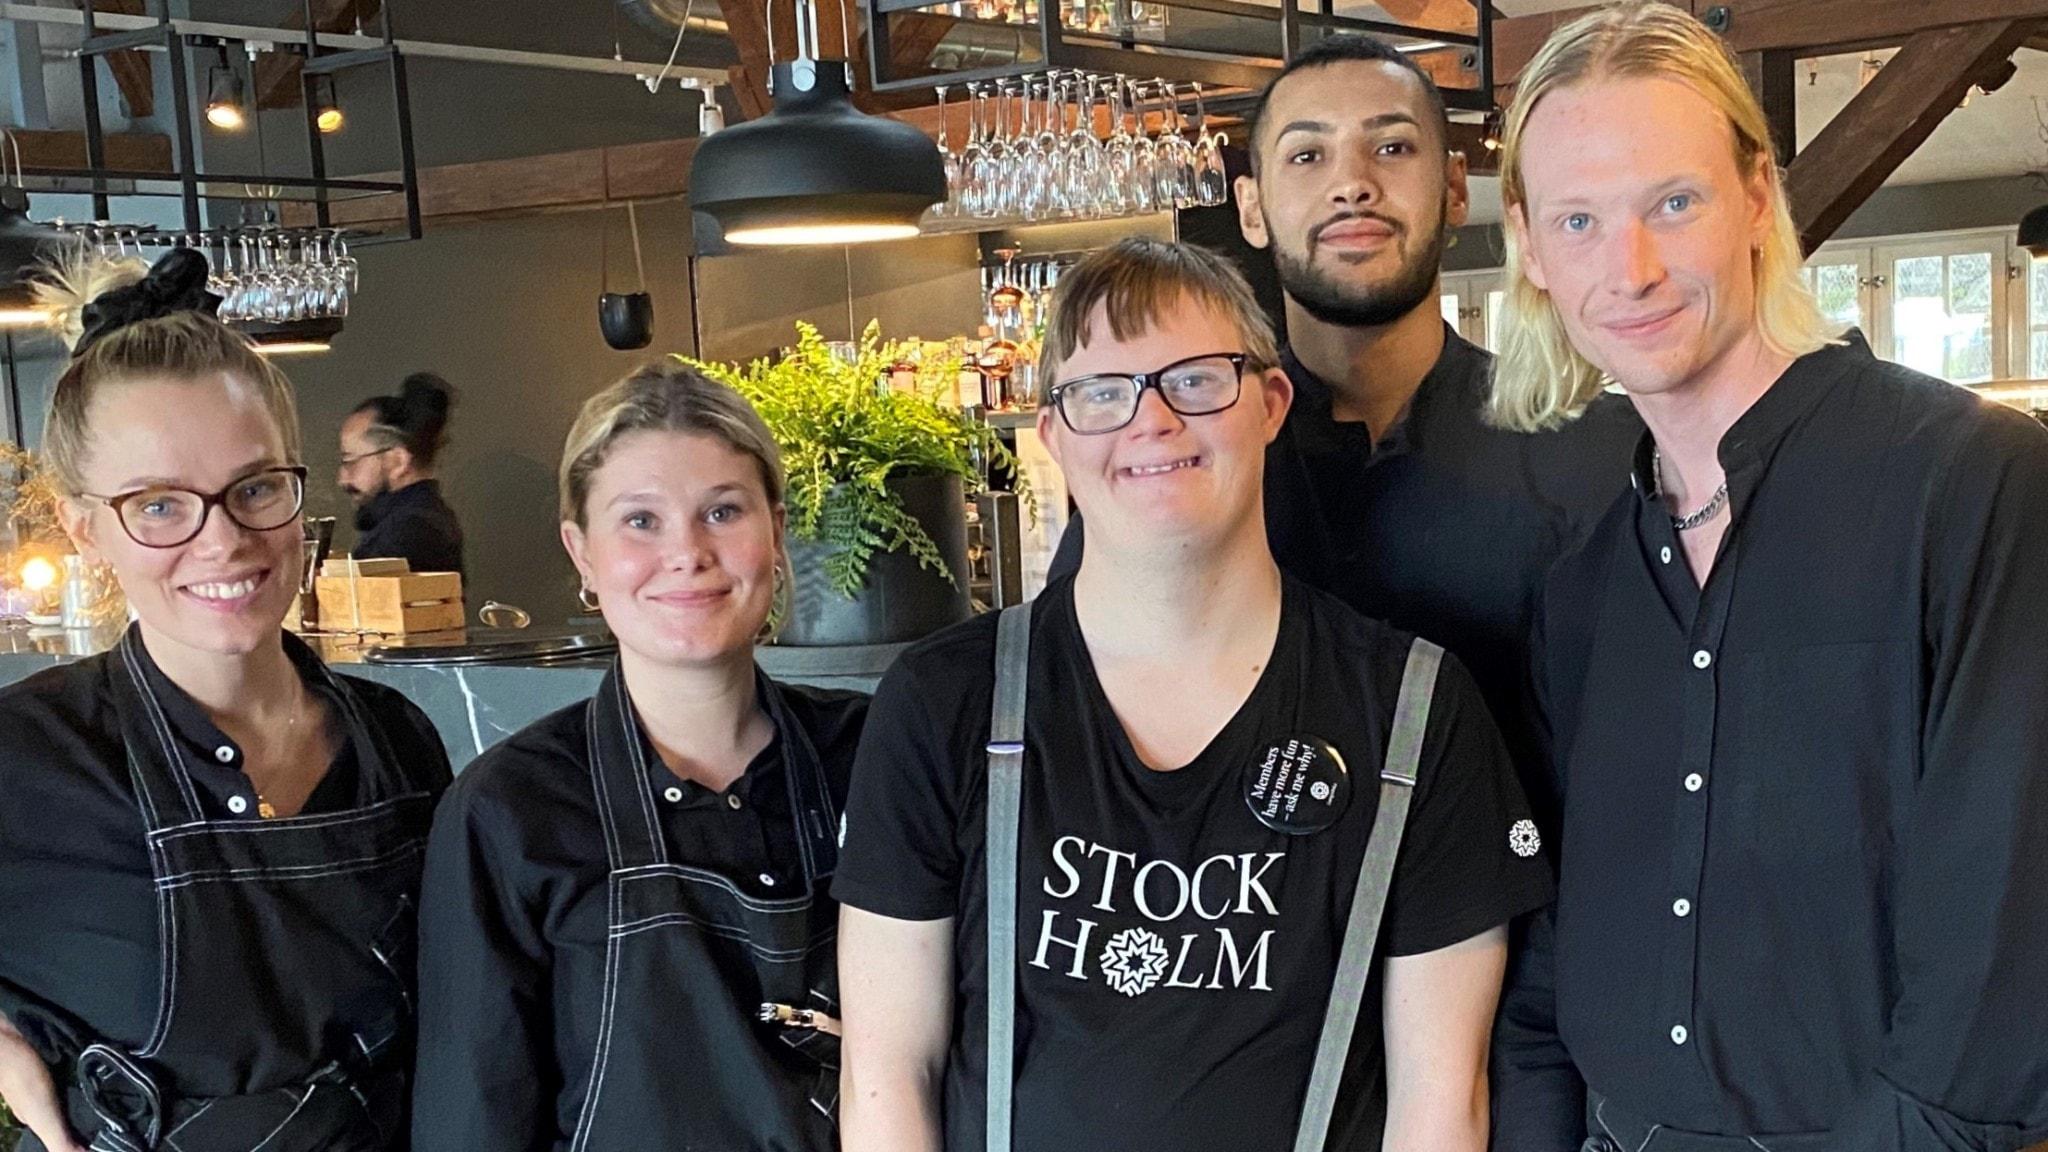 Johan omgiven av sina arbetskamrater i restaurangen på museet där han jobbar. Johan har glasögon och en svart t-shirt på sig.